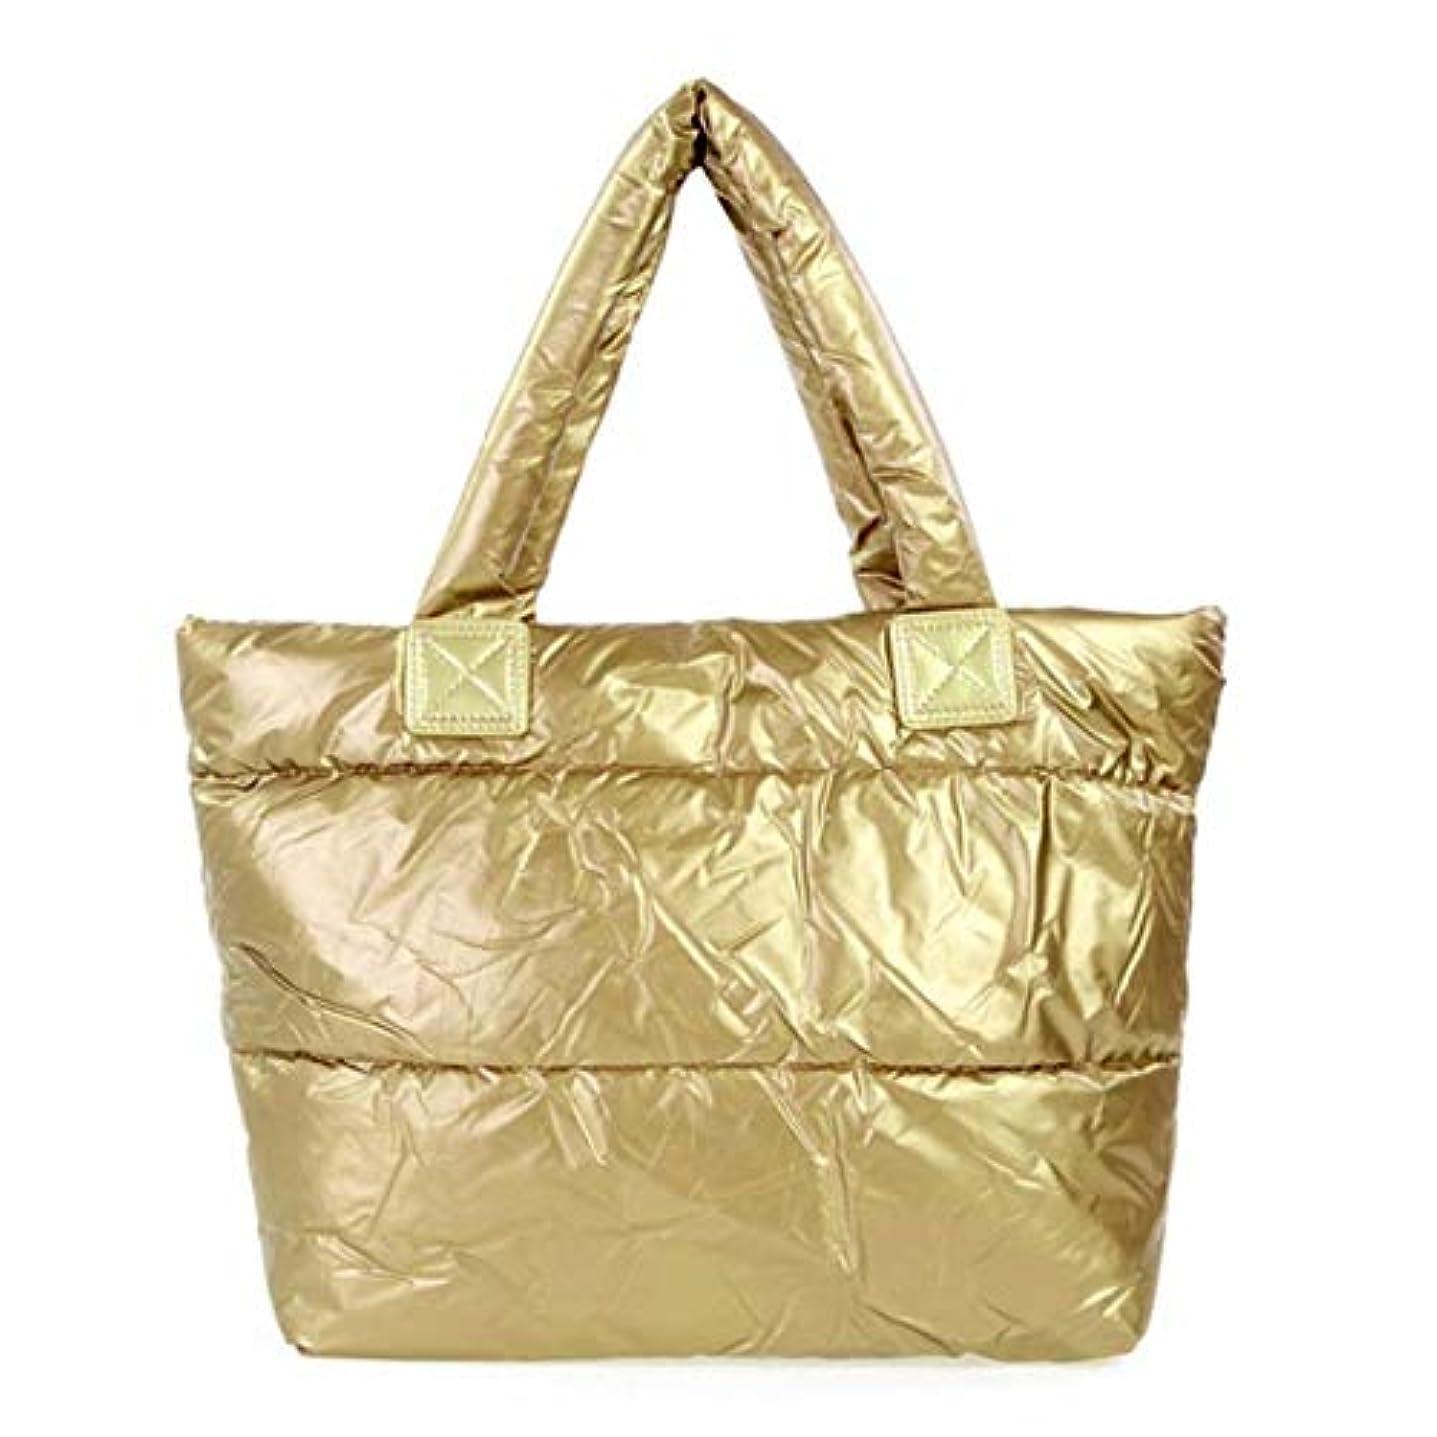 オーバードロー呼ぶ昆虫レディースバッグスペースバッグスポンジショルダーハンドバッグポータブルレディコットンパッド入りバッグ冬大容量トートバッグハンドバッグ-ゴールド